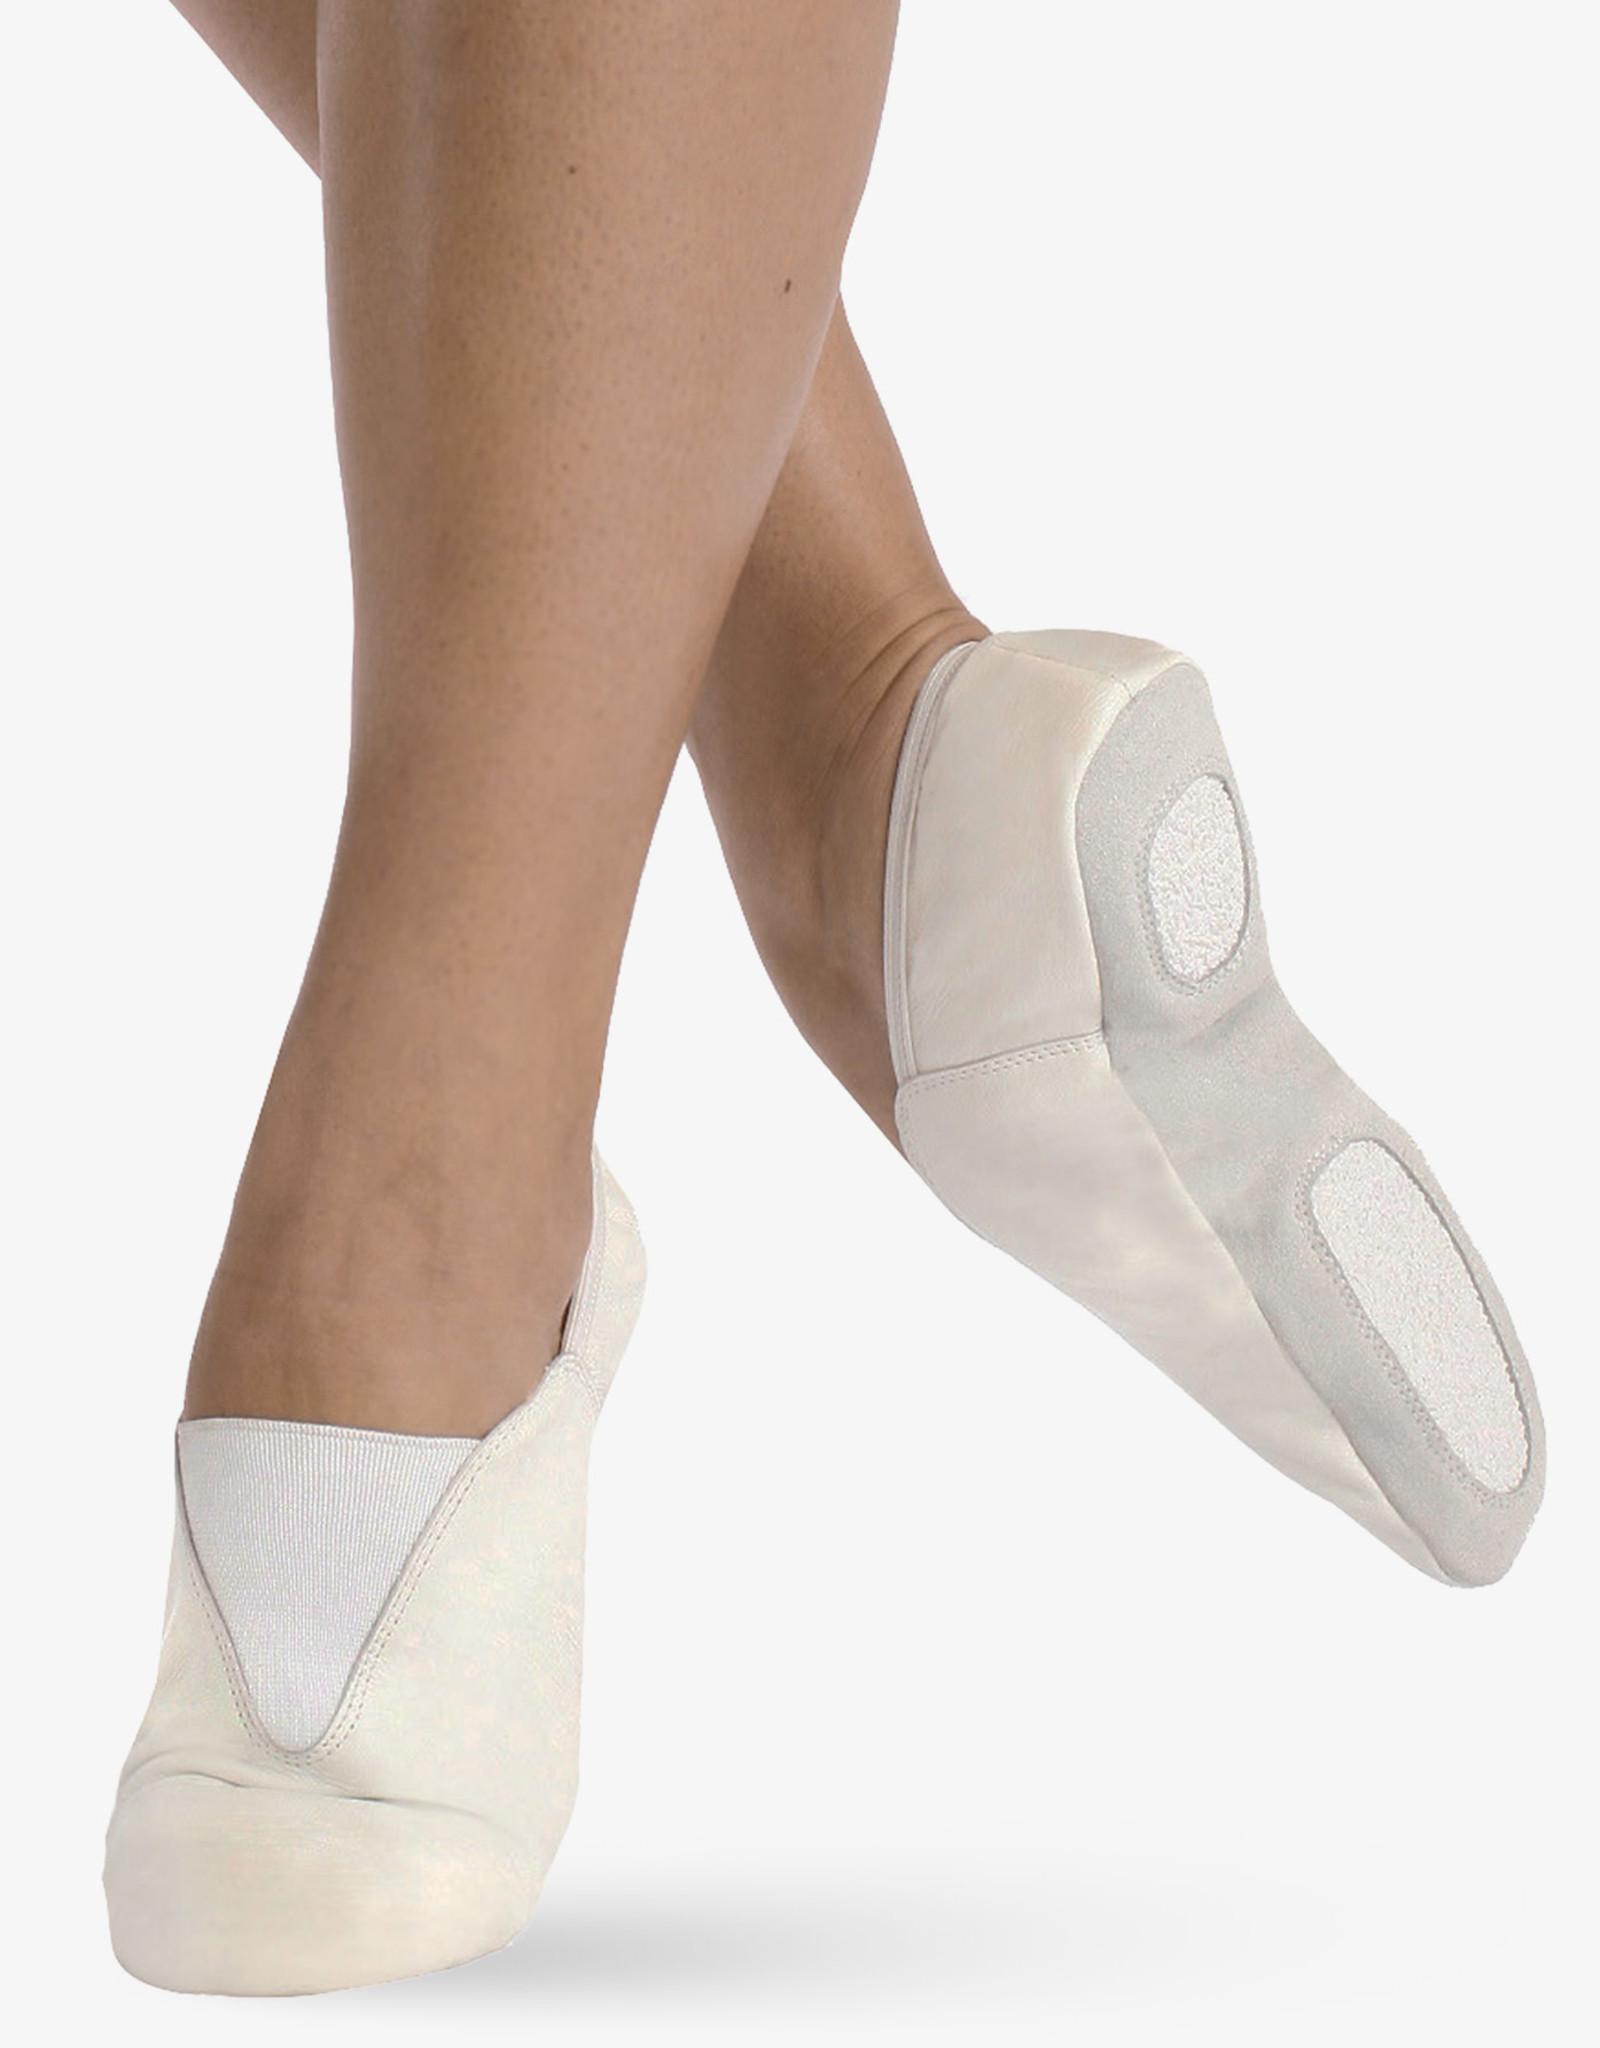 Capezio Capezio Agility Gymnastics Shoe